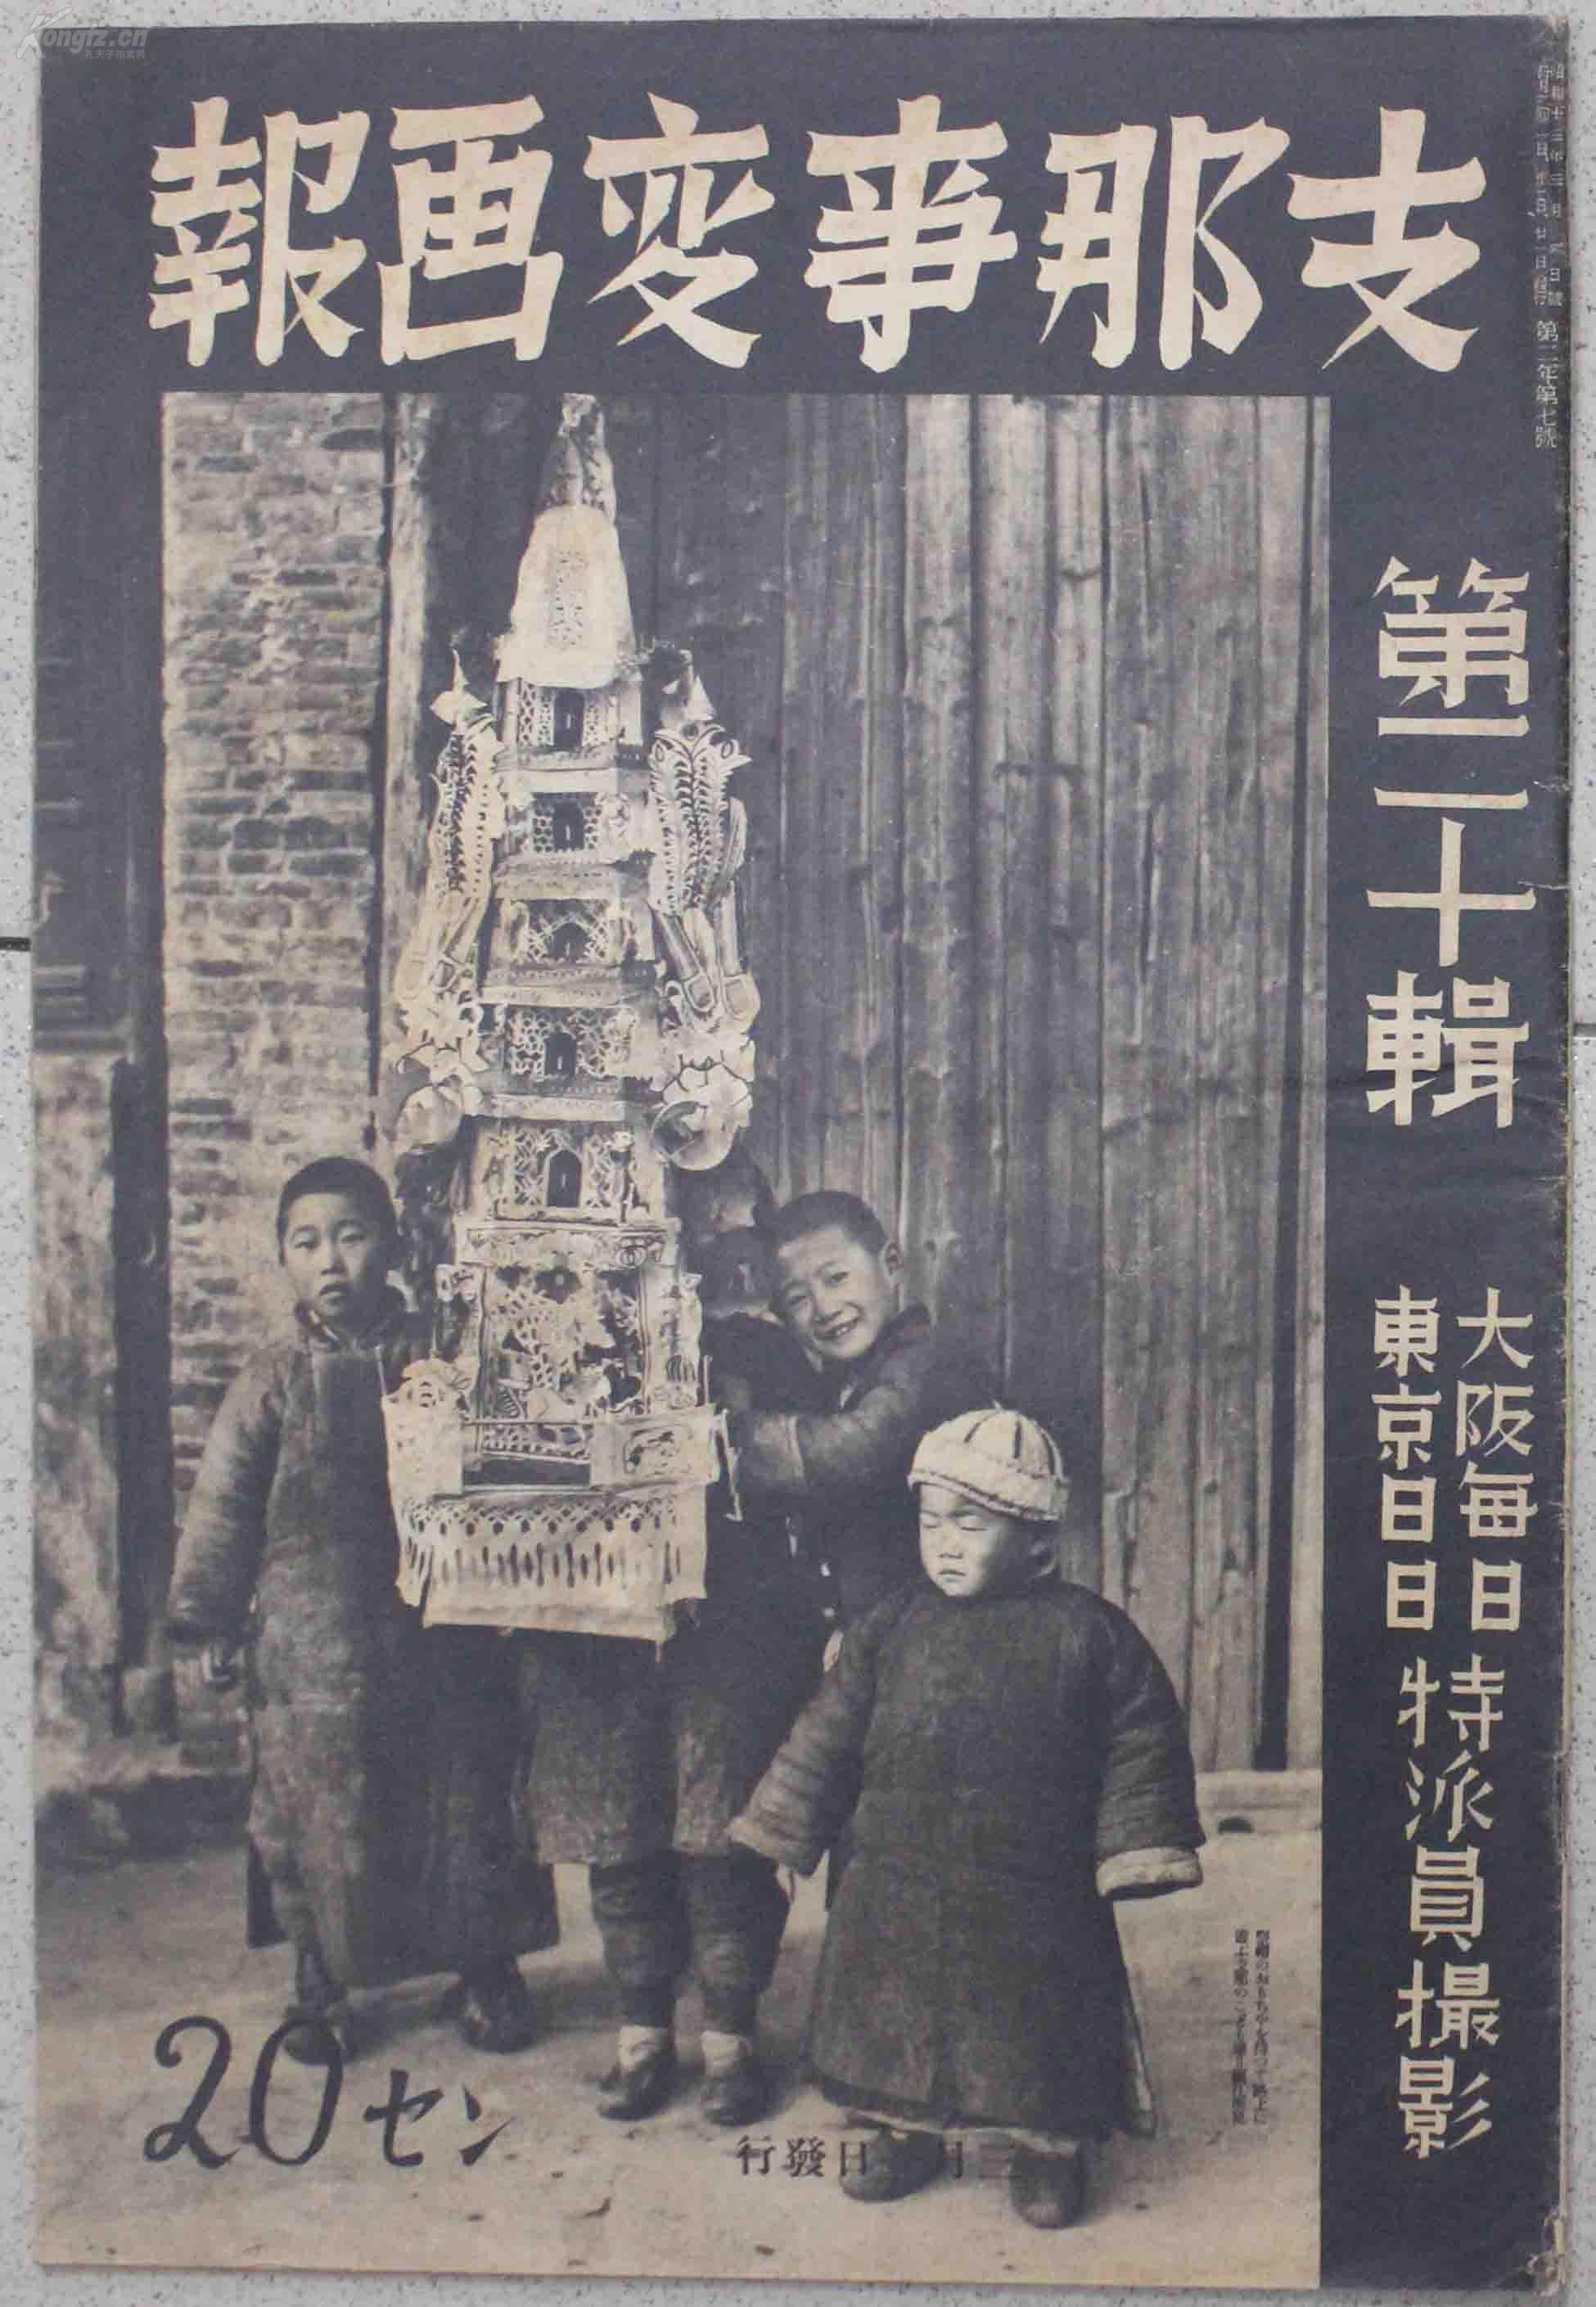 镇江所见,上海租界避难民收容所,蒋介石政权状况,江北战线,芜湖风景